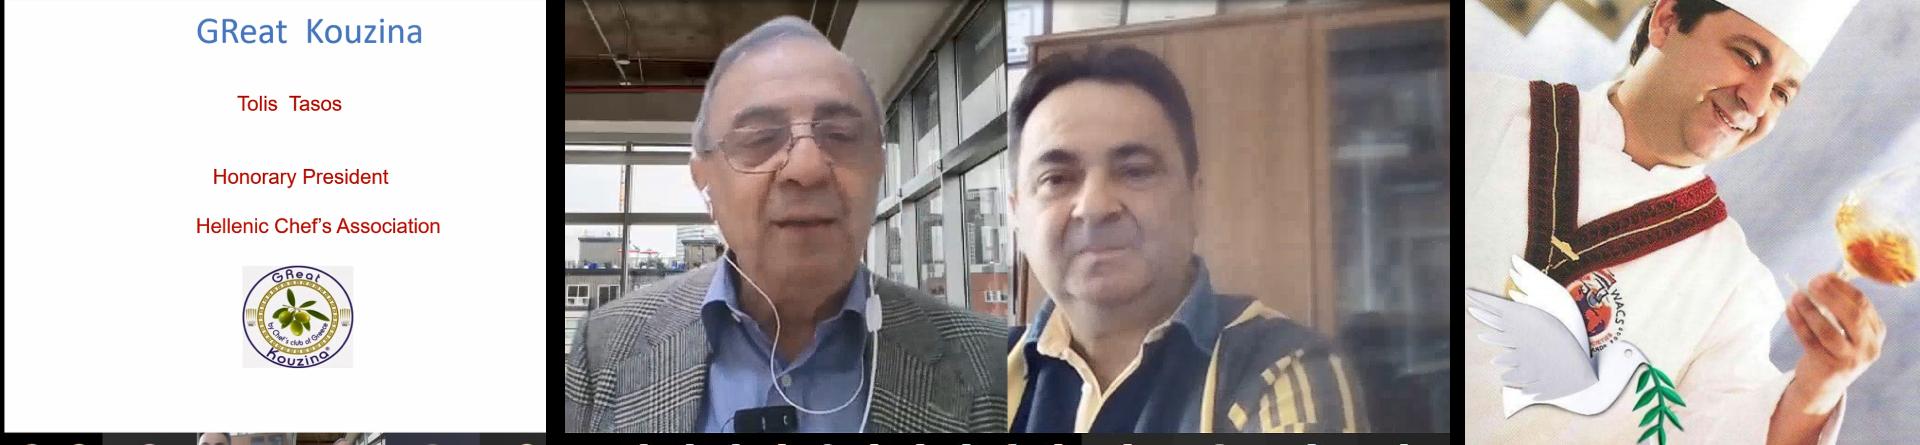 Διαδικτυακή Διάλεξη του Επίτιμου Πρόεδρου της Λέσχης Αρχιμαγείρων Ελλάδος,  κ. Τάσου Τόλη